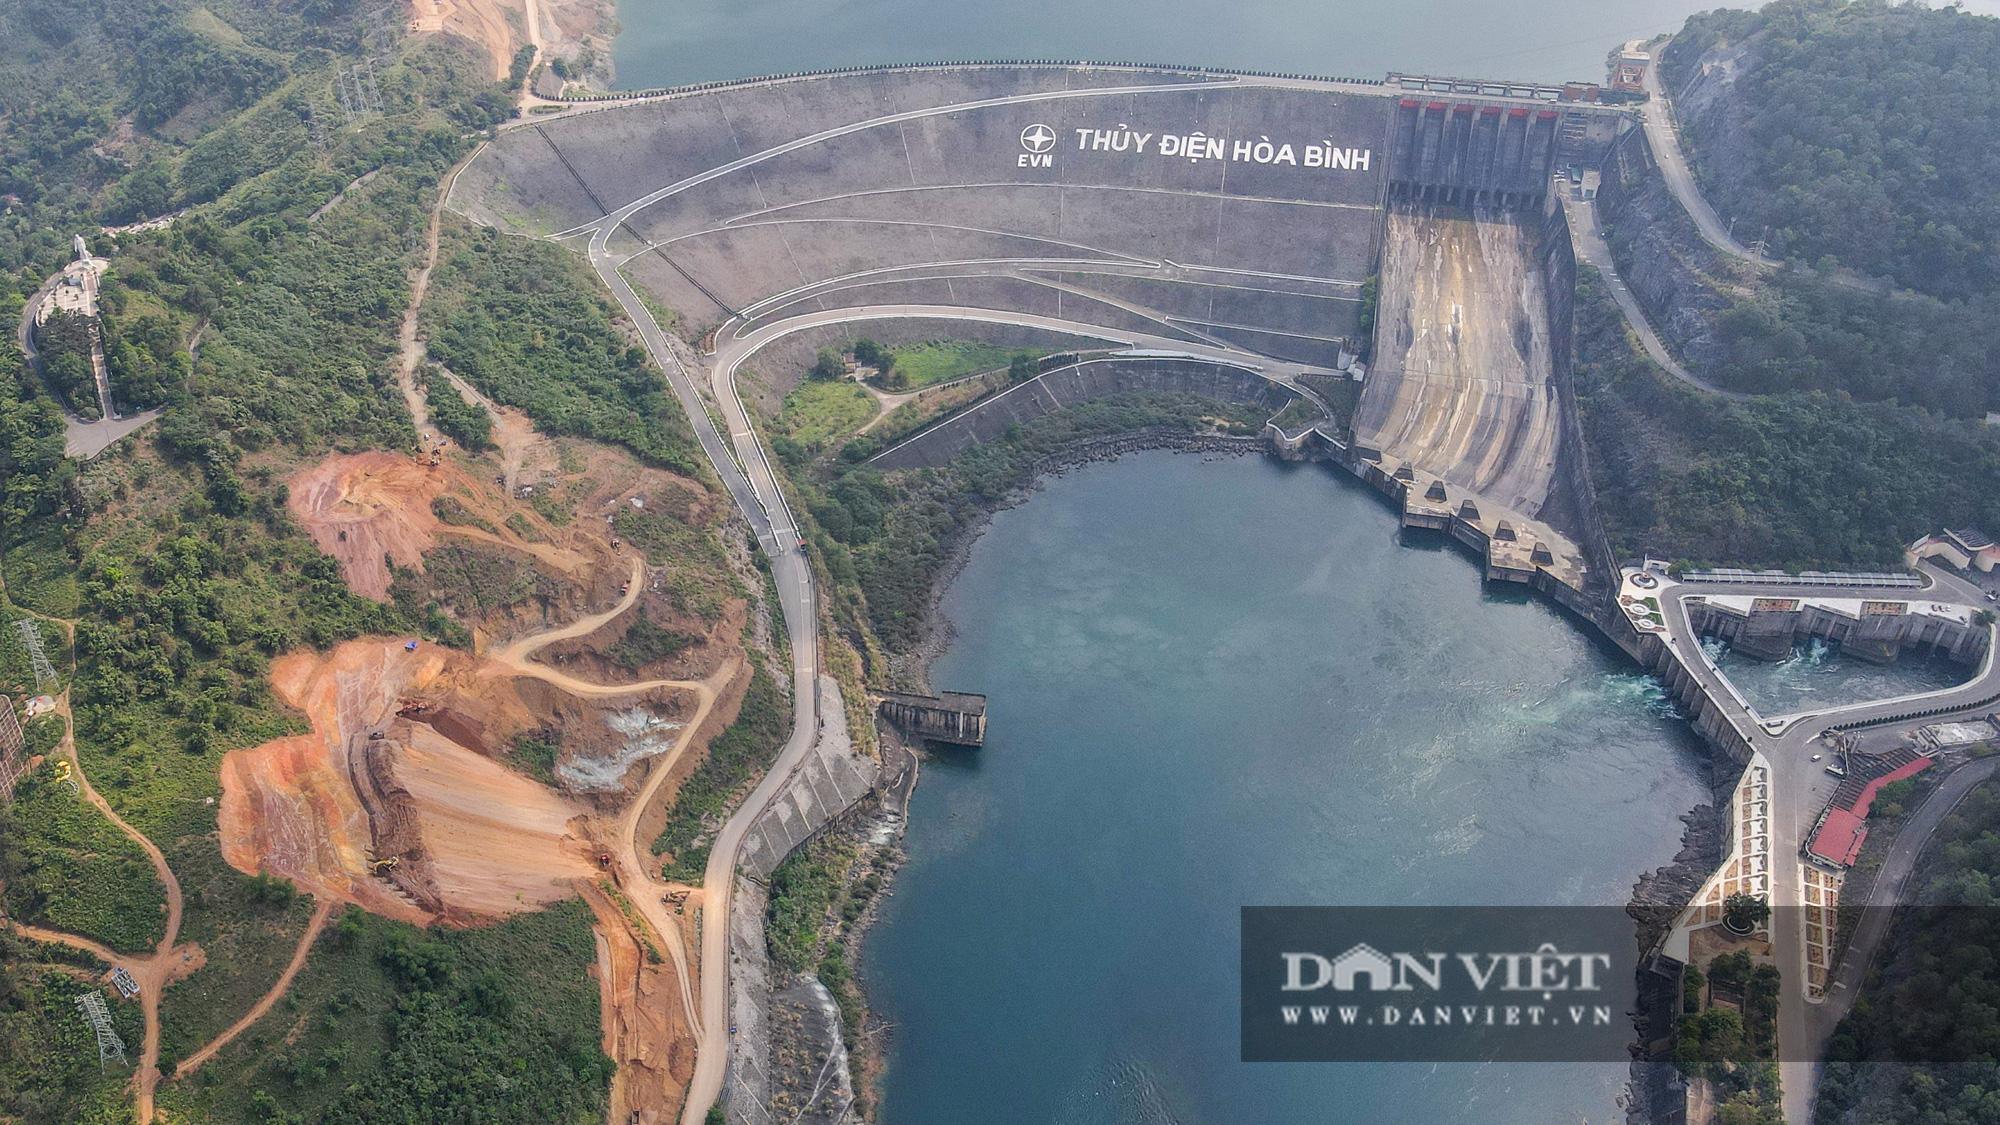 Công trình mở rộng nhà máy thuỷ điện Hoà Bình hơn 9000 tỷ nhìn từ trên cao  - Ảnh 1.